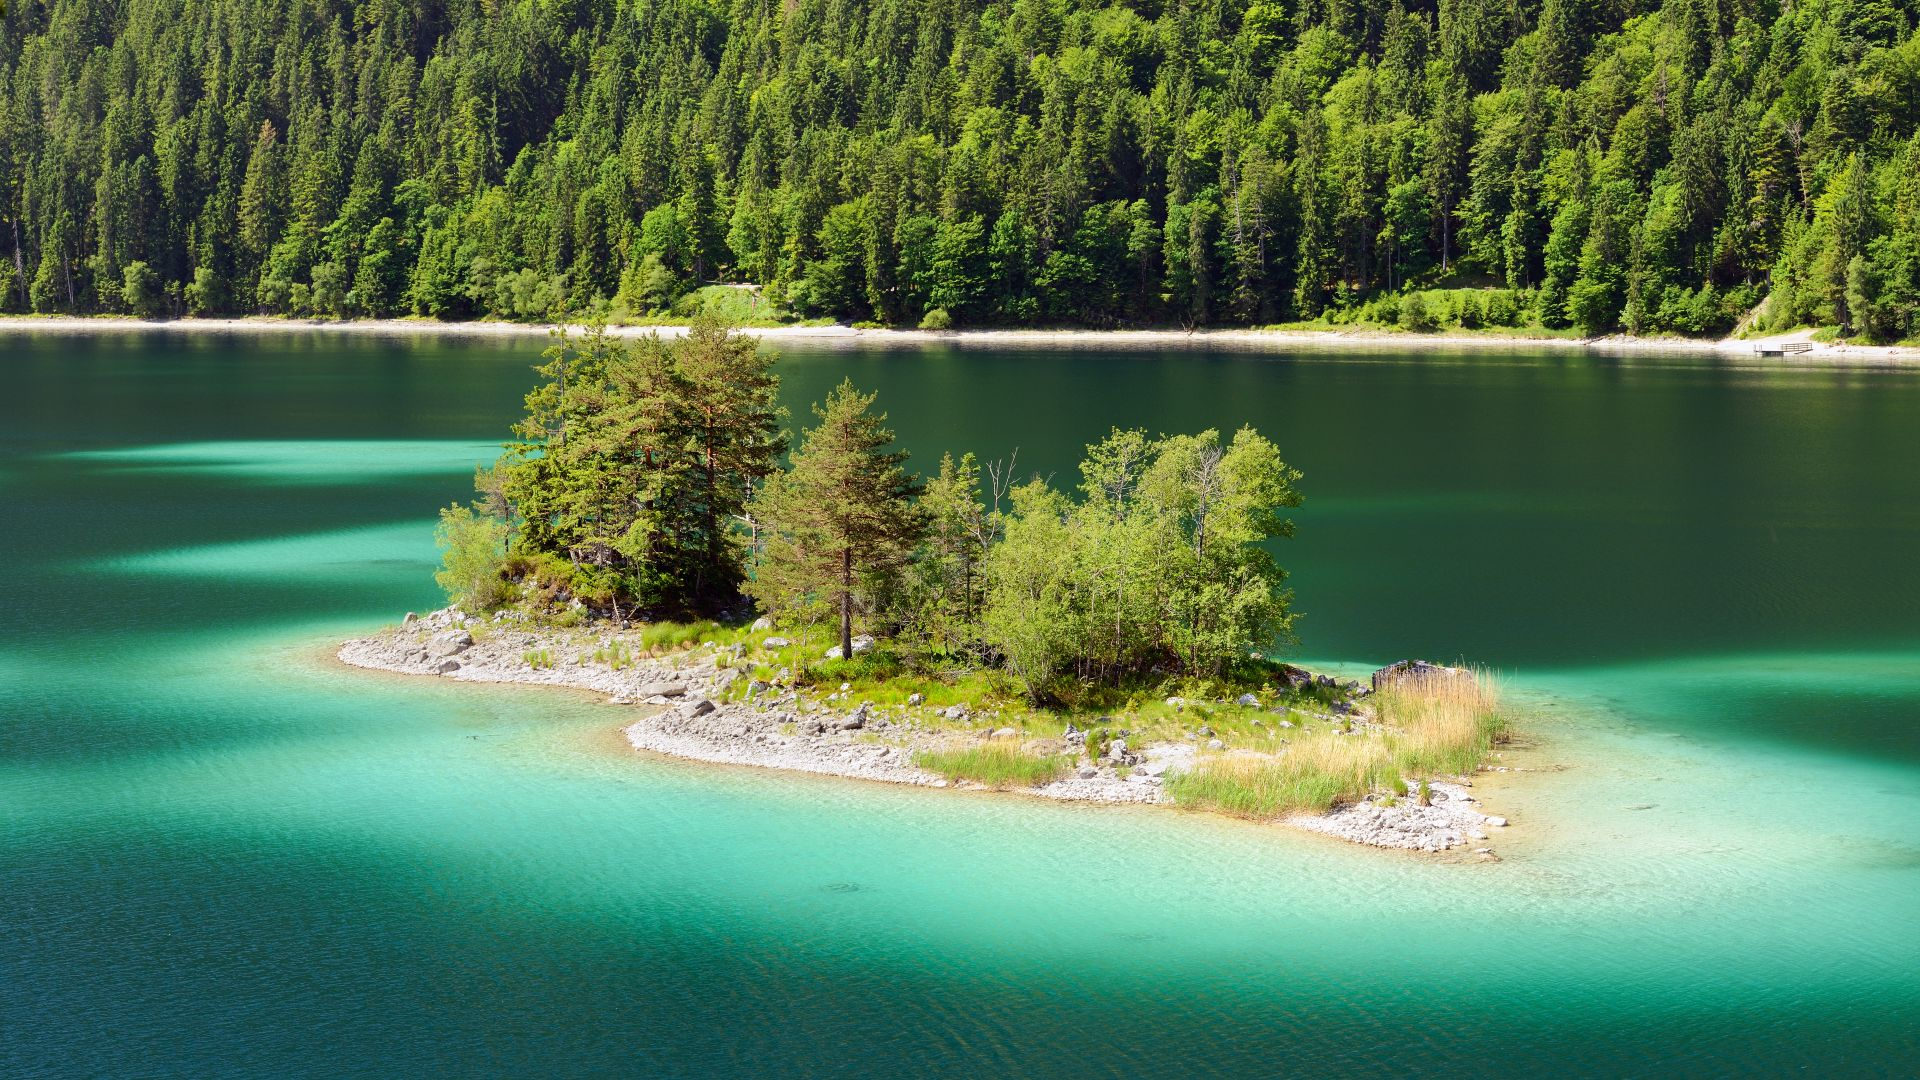 Garmisch-Partenkirchen: Lake Eibsee